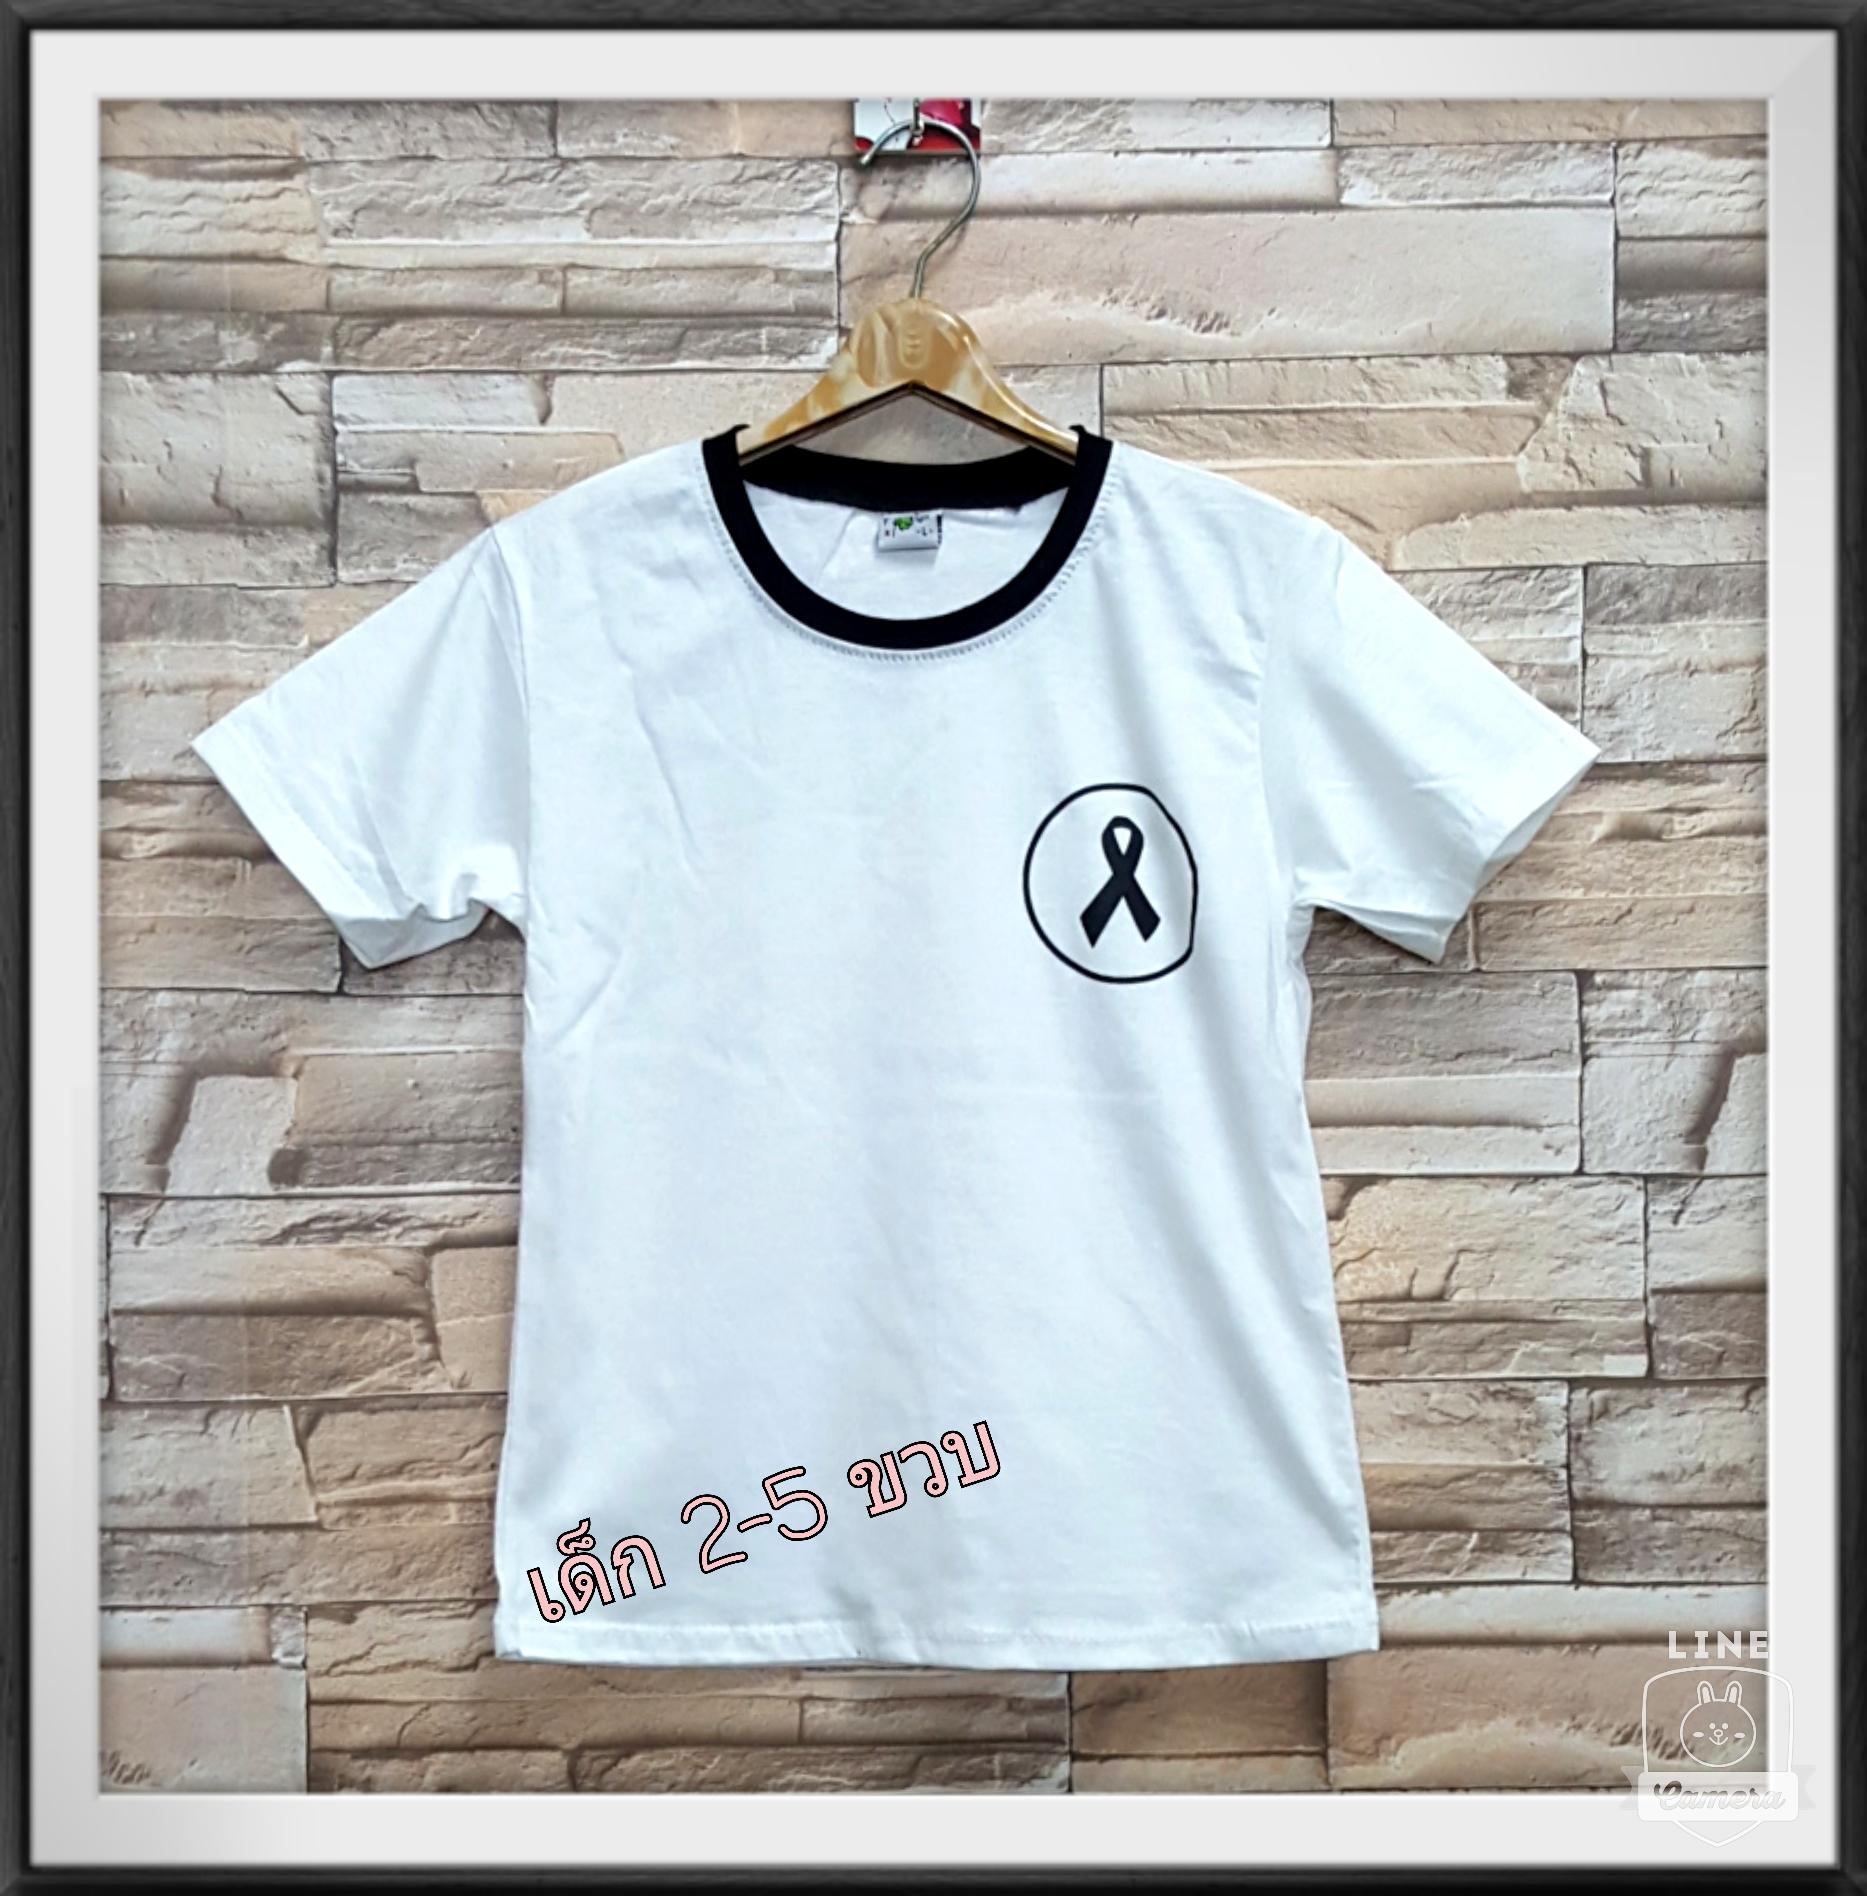 เสื้อยืดเด็ก สีขาว ไว้อาลัย ลายโบว์